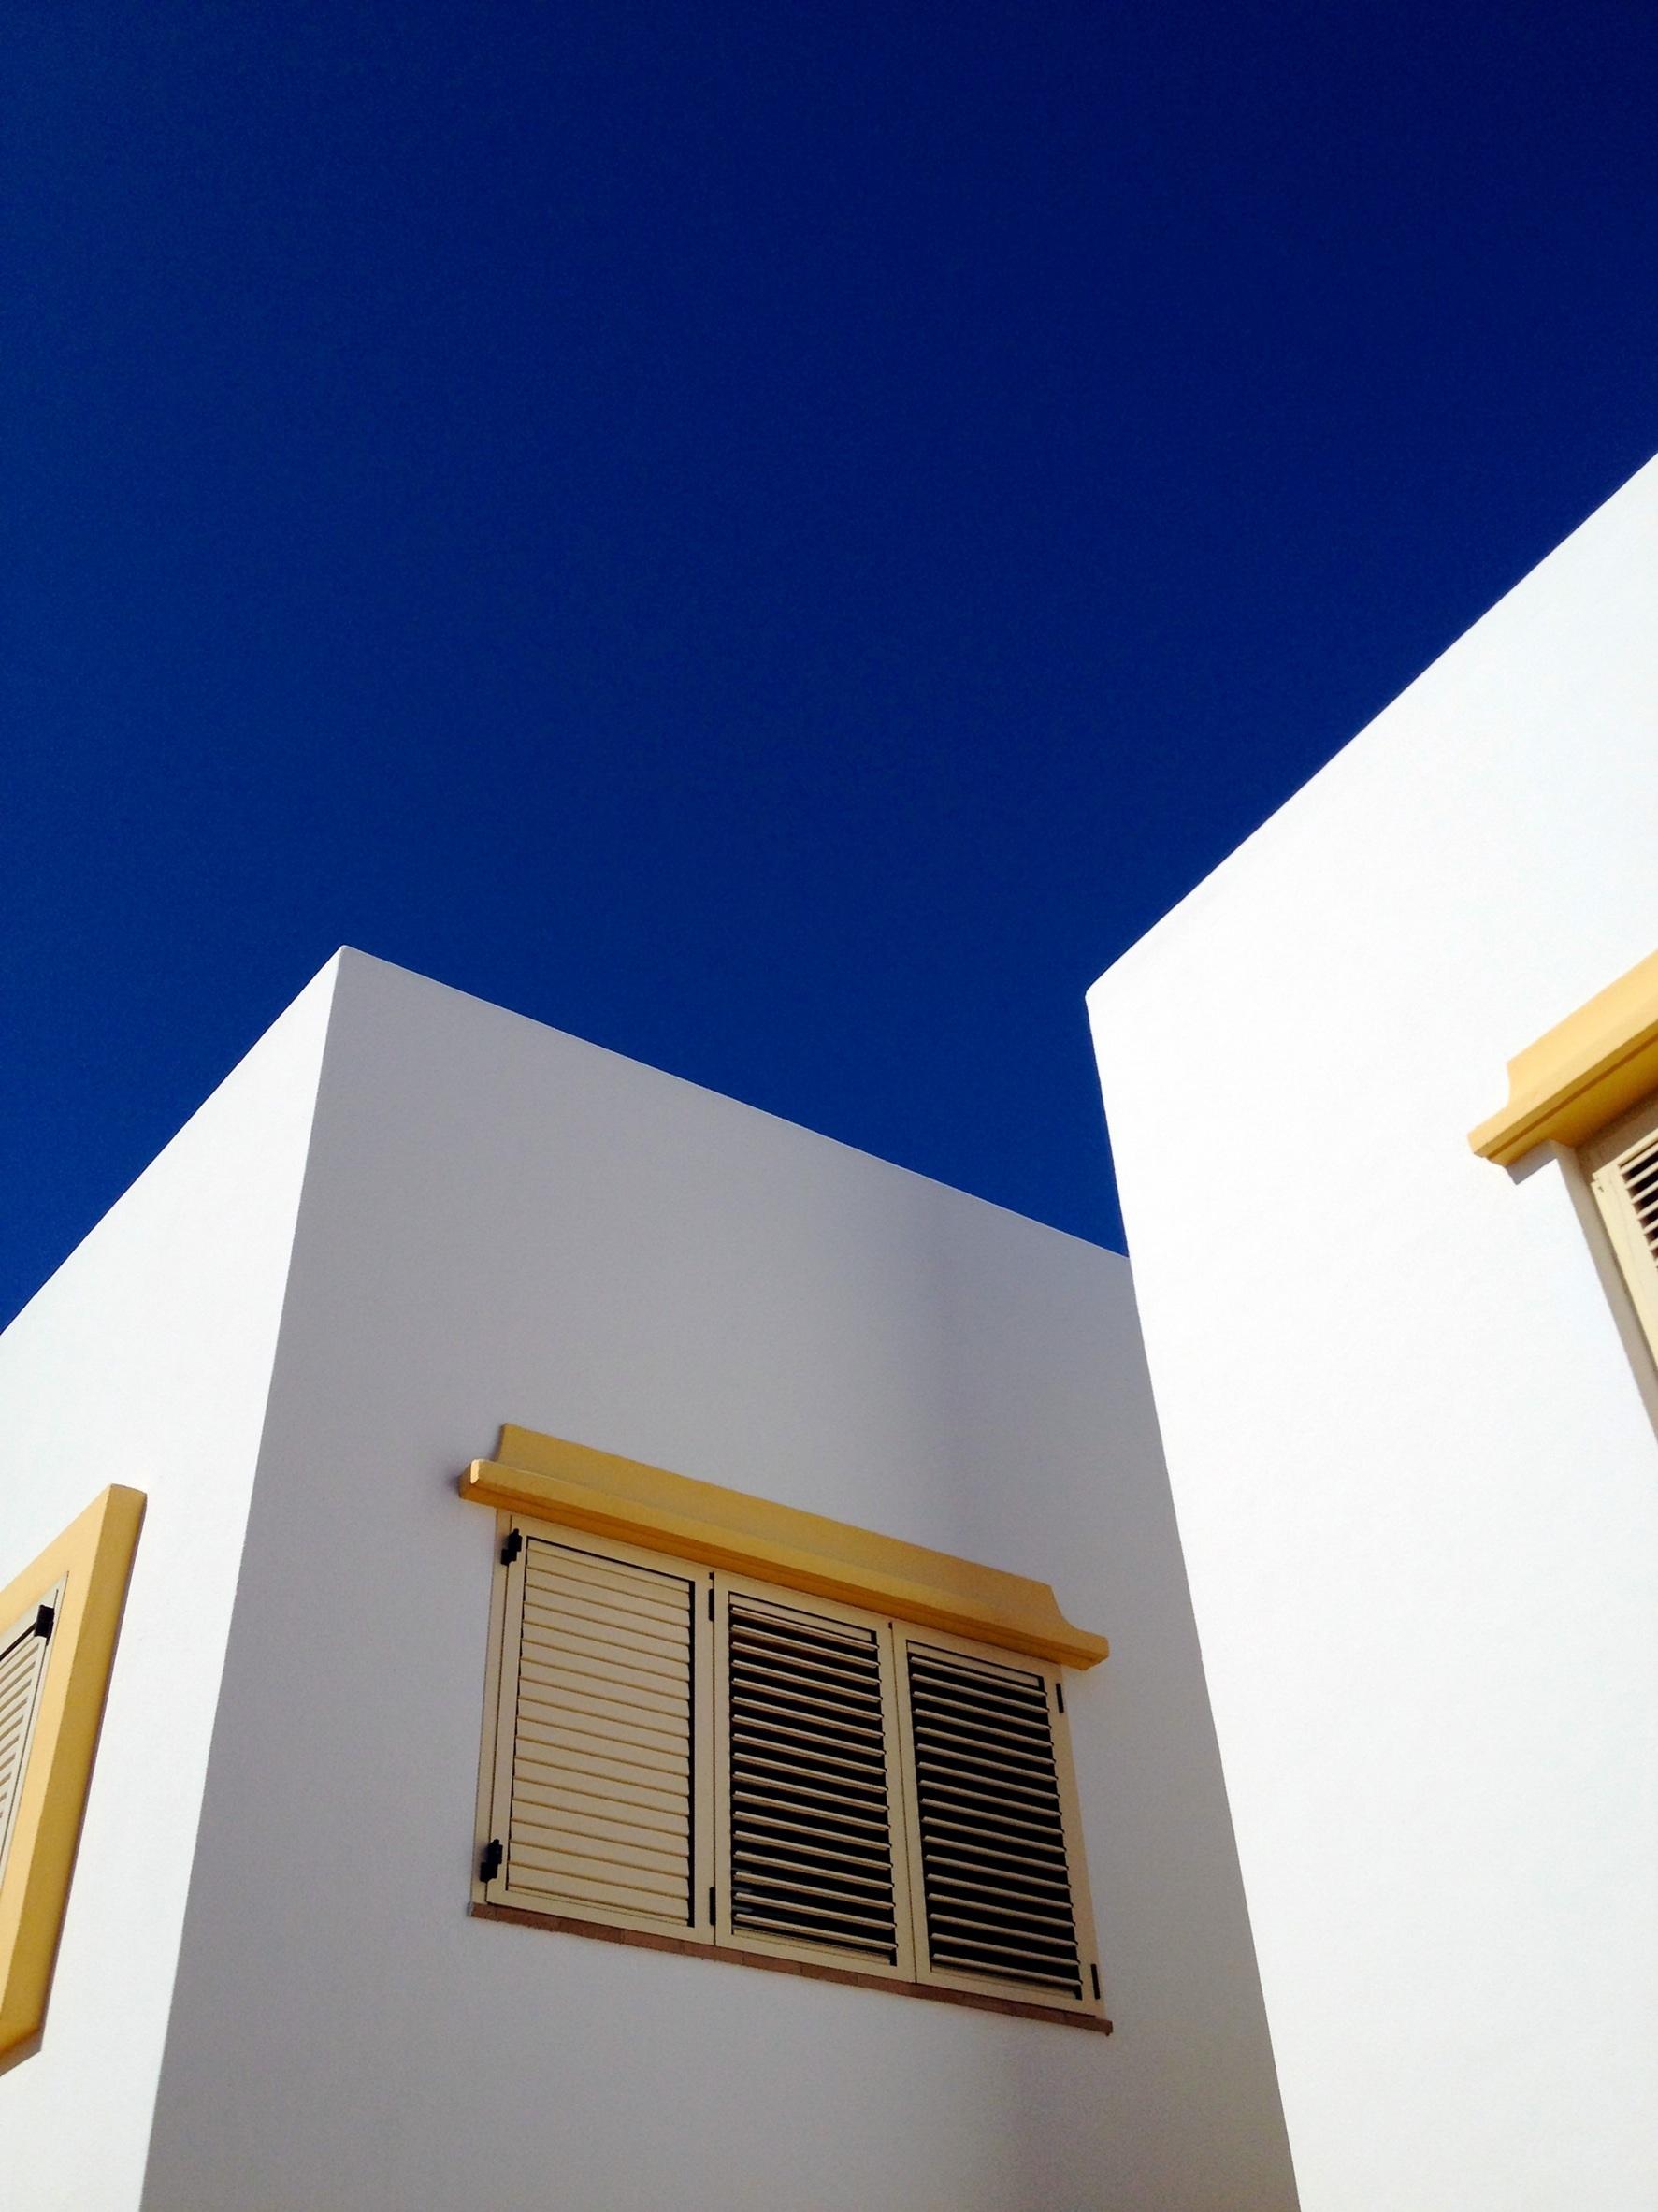 Couleur Exterieur Maison Contemporaine images gratuites : architecture, blanc, maison, fenêtre